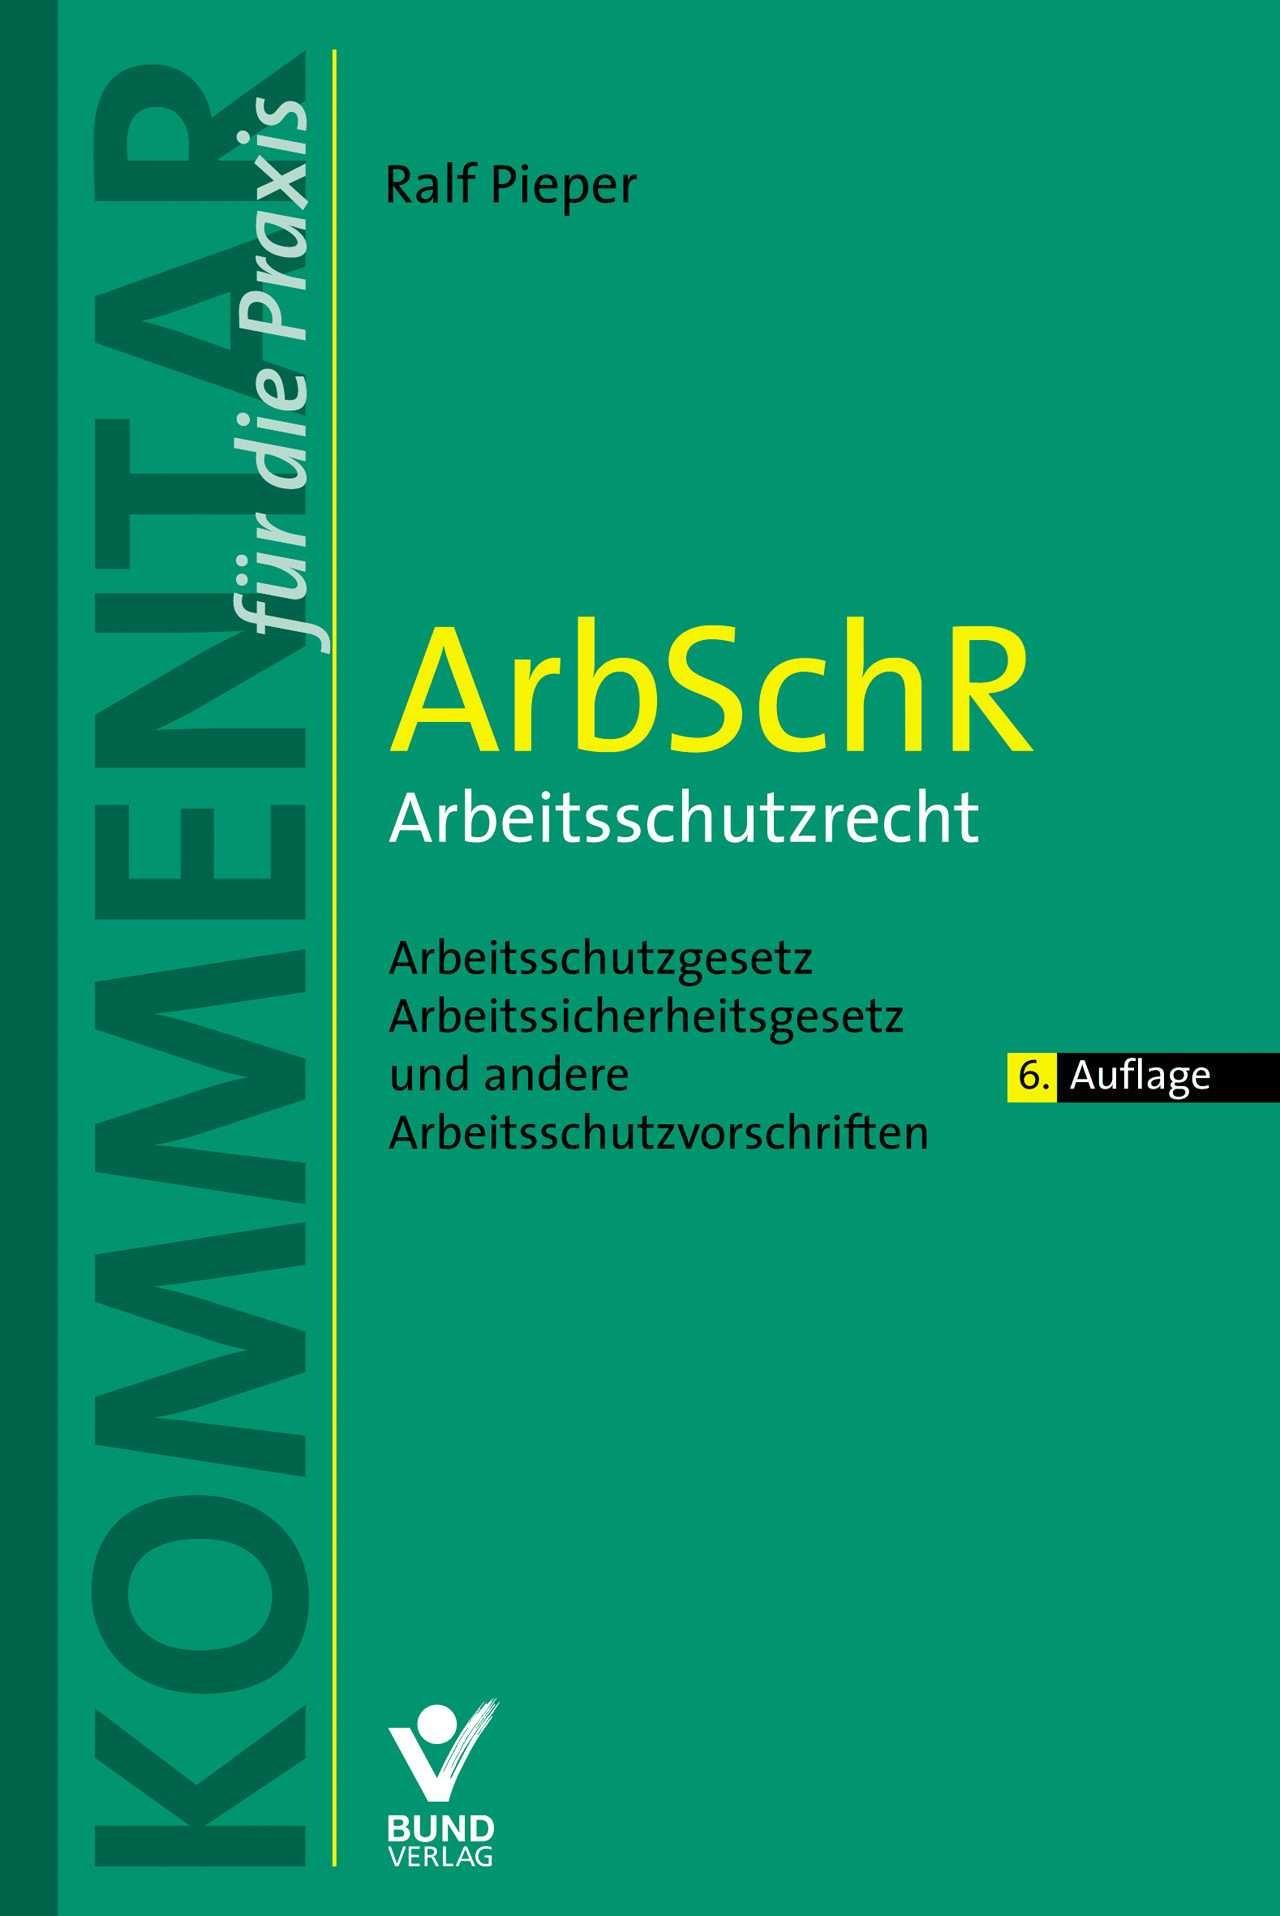 ArbSchR - Arbeitsschutzrecht | Pieper | 6. Auflage, 2017 | Buch (Cover)